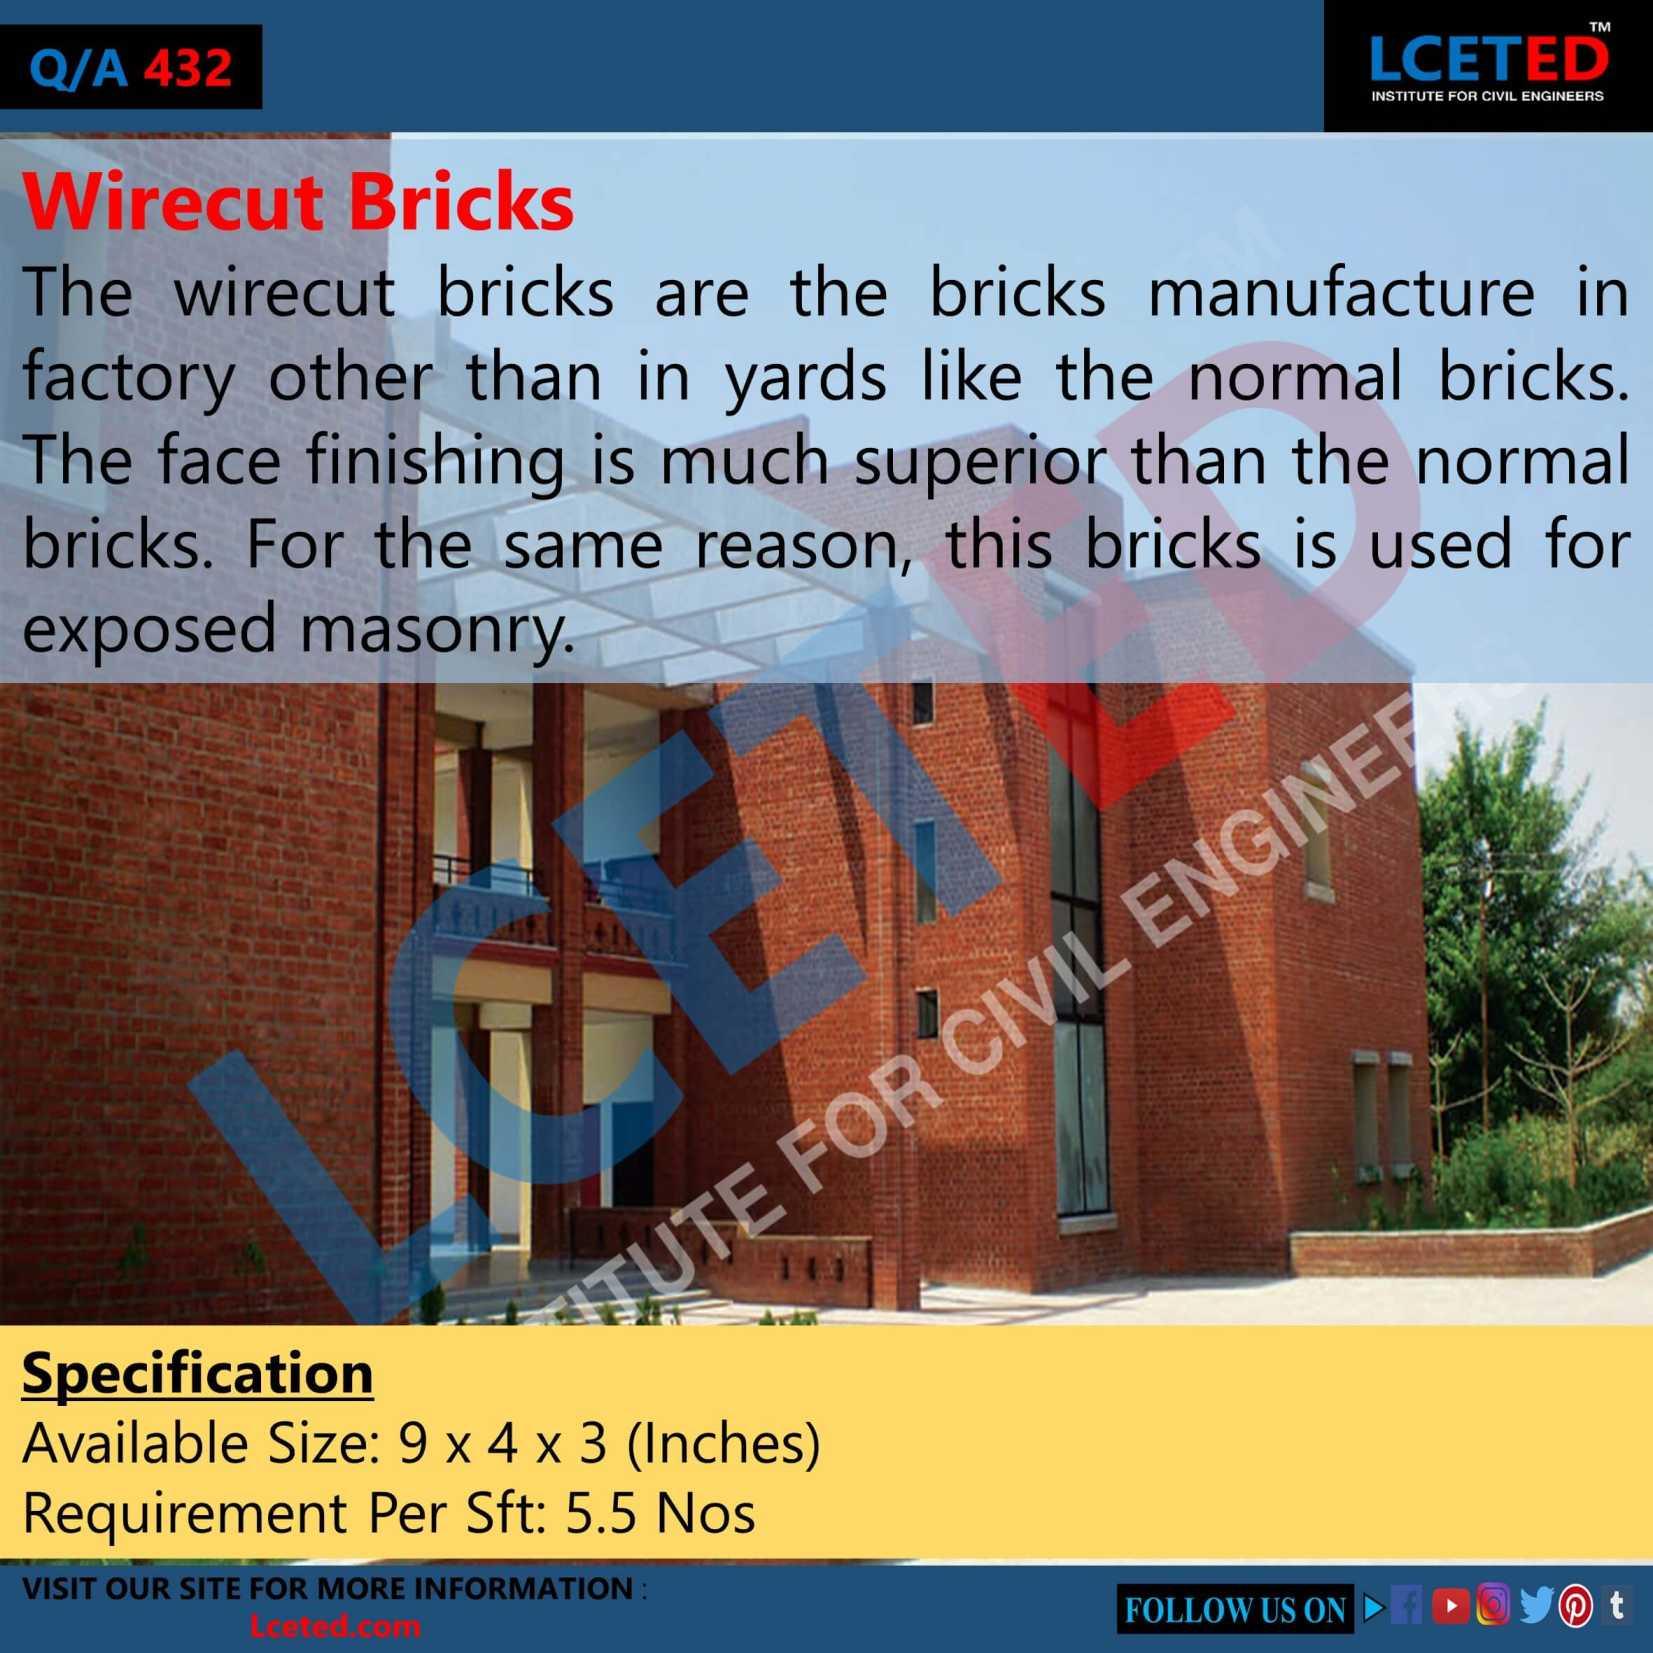 Wirecut Bricks